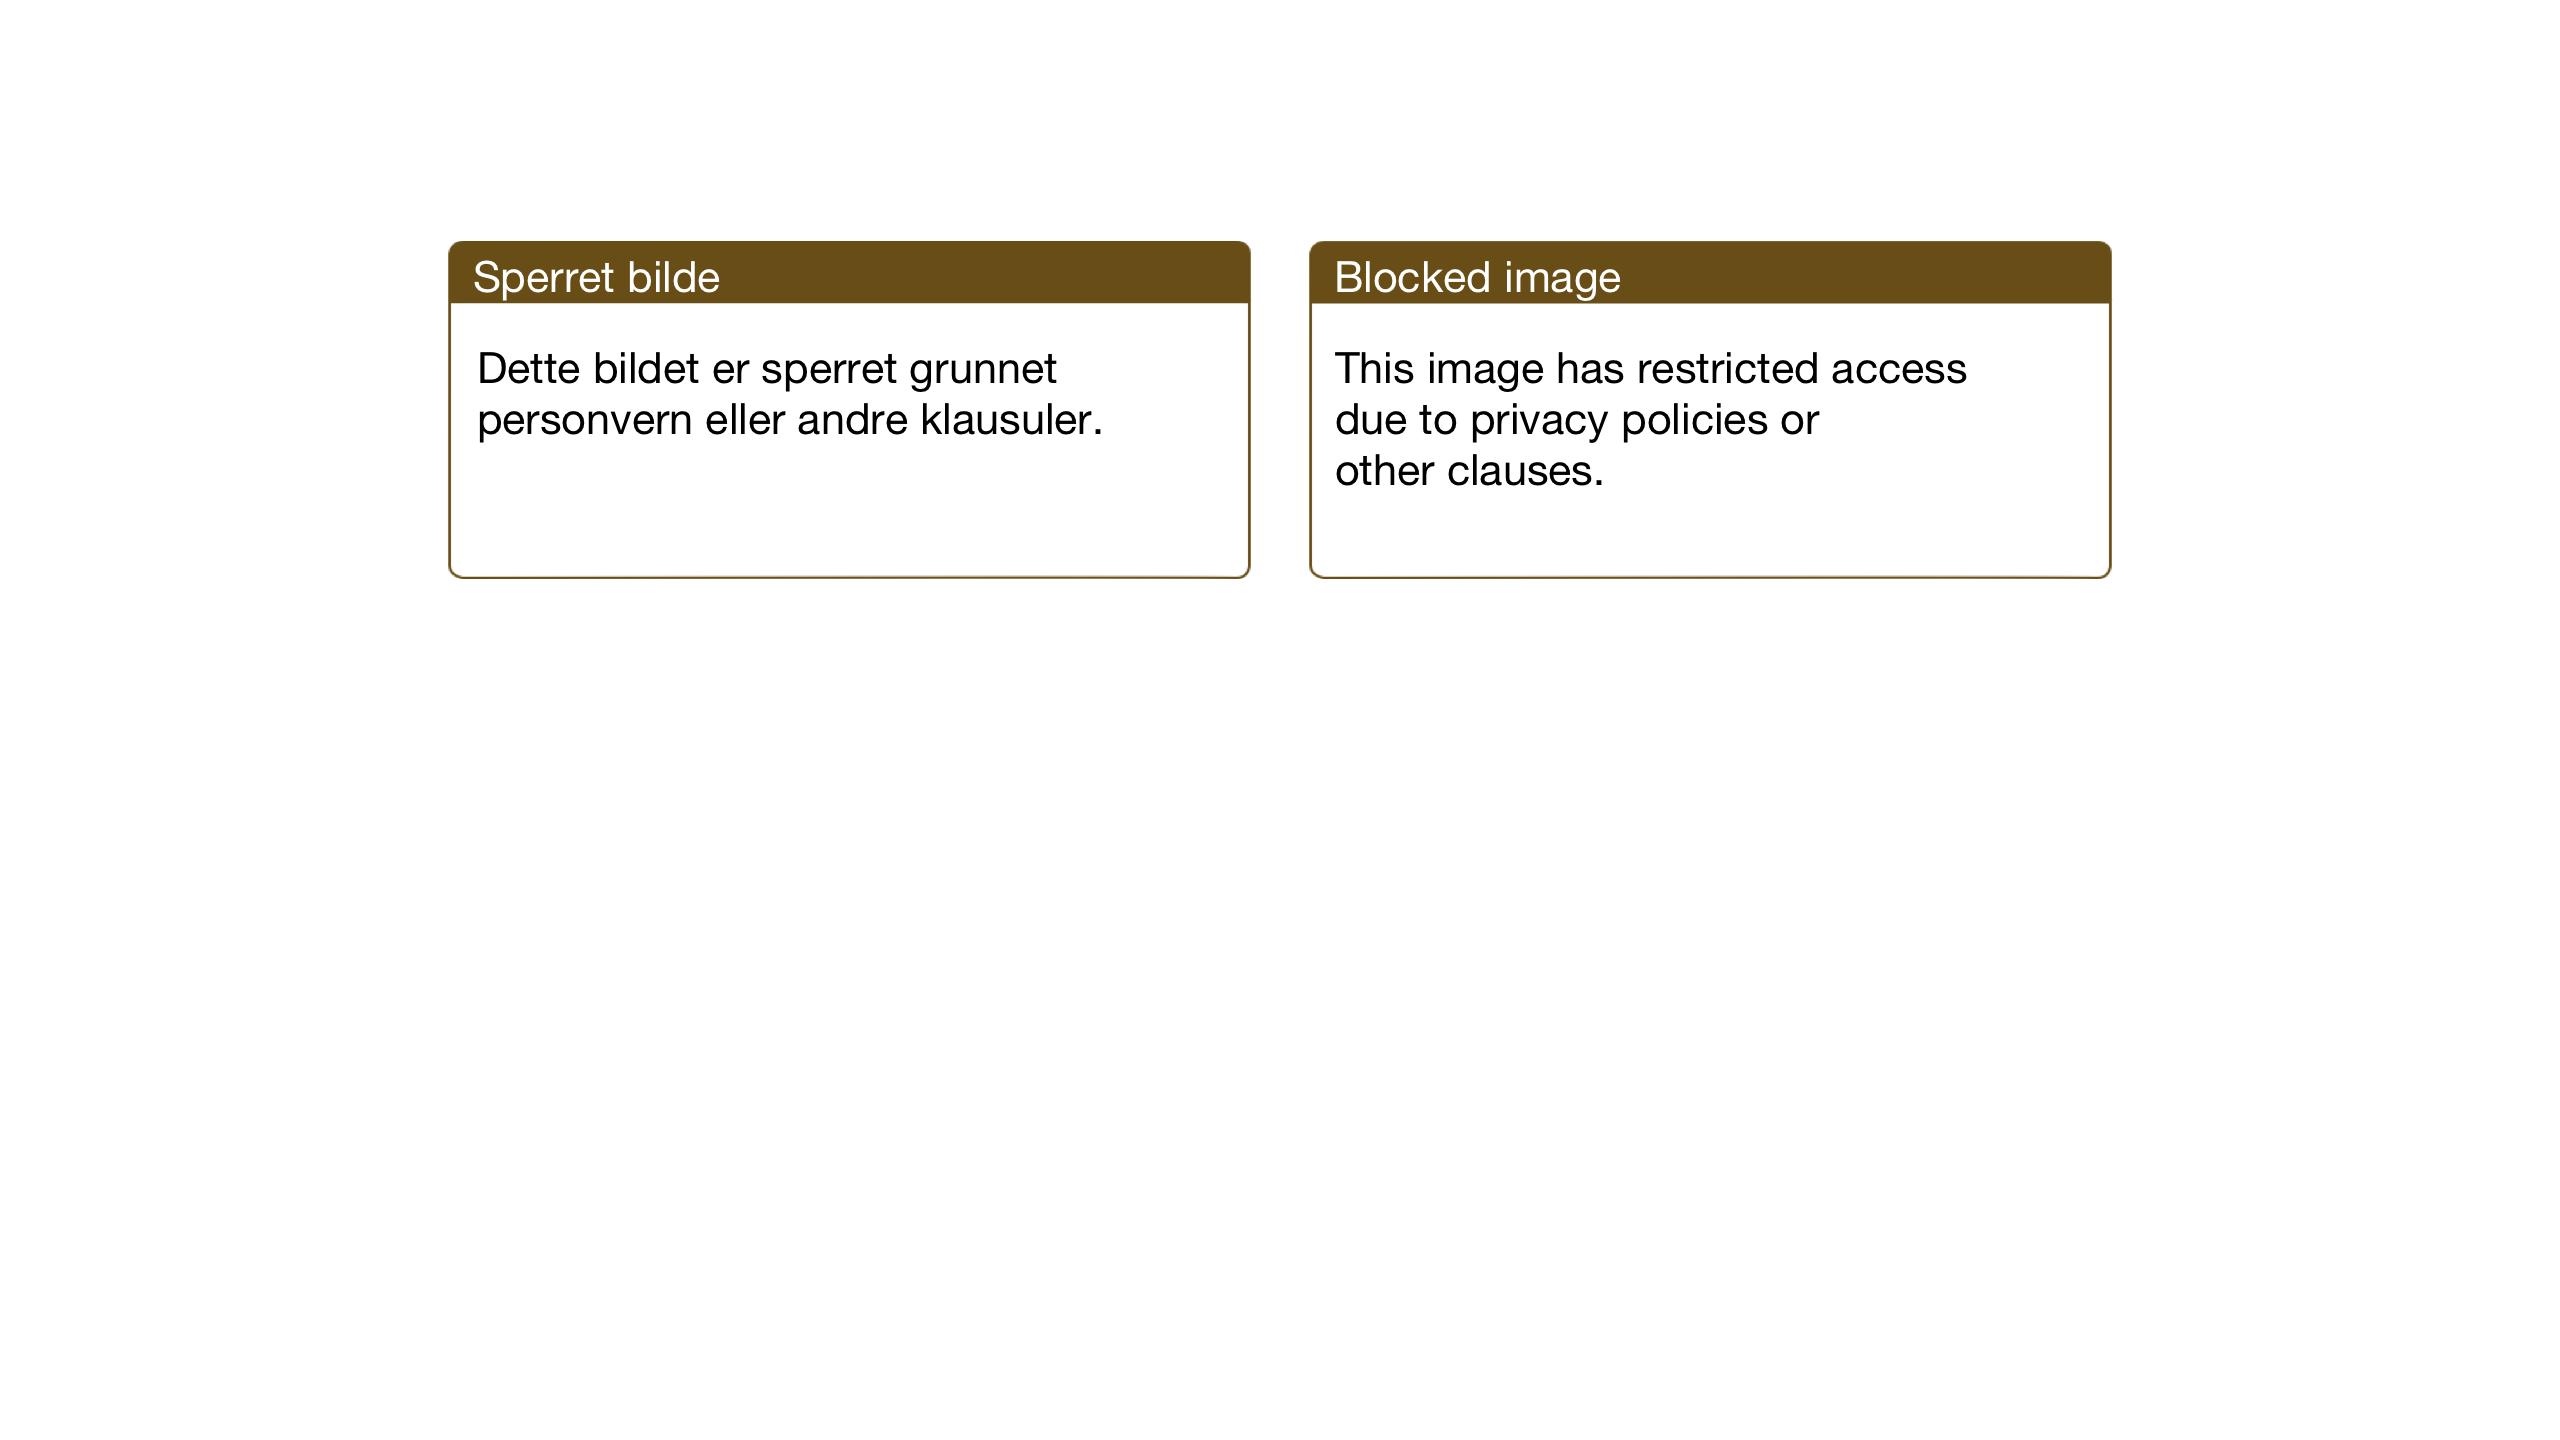 SAT, Ministerialprotokoller, klokkerbøker og fødselsregistre - Sør-Trøndelag, 698/L1169: Klokkerbok nr. 698C06, 1930-1949, s. 4